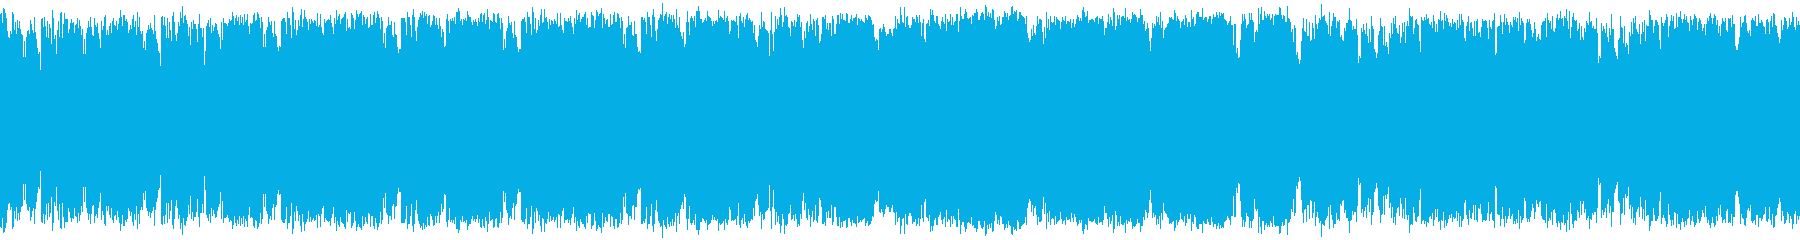 壮大なファンタジーオーケストラの再生済みの波形